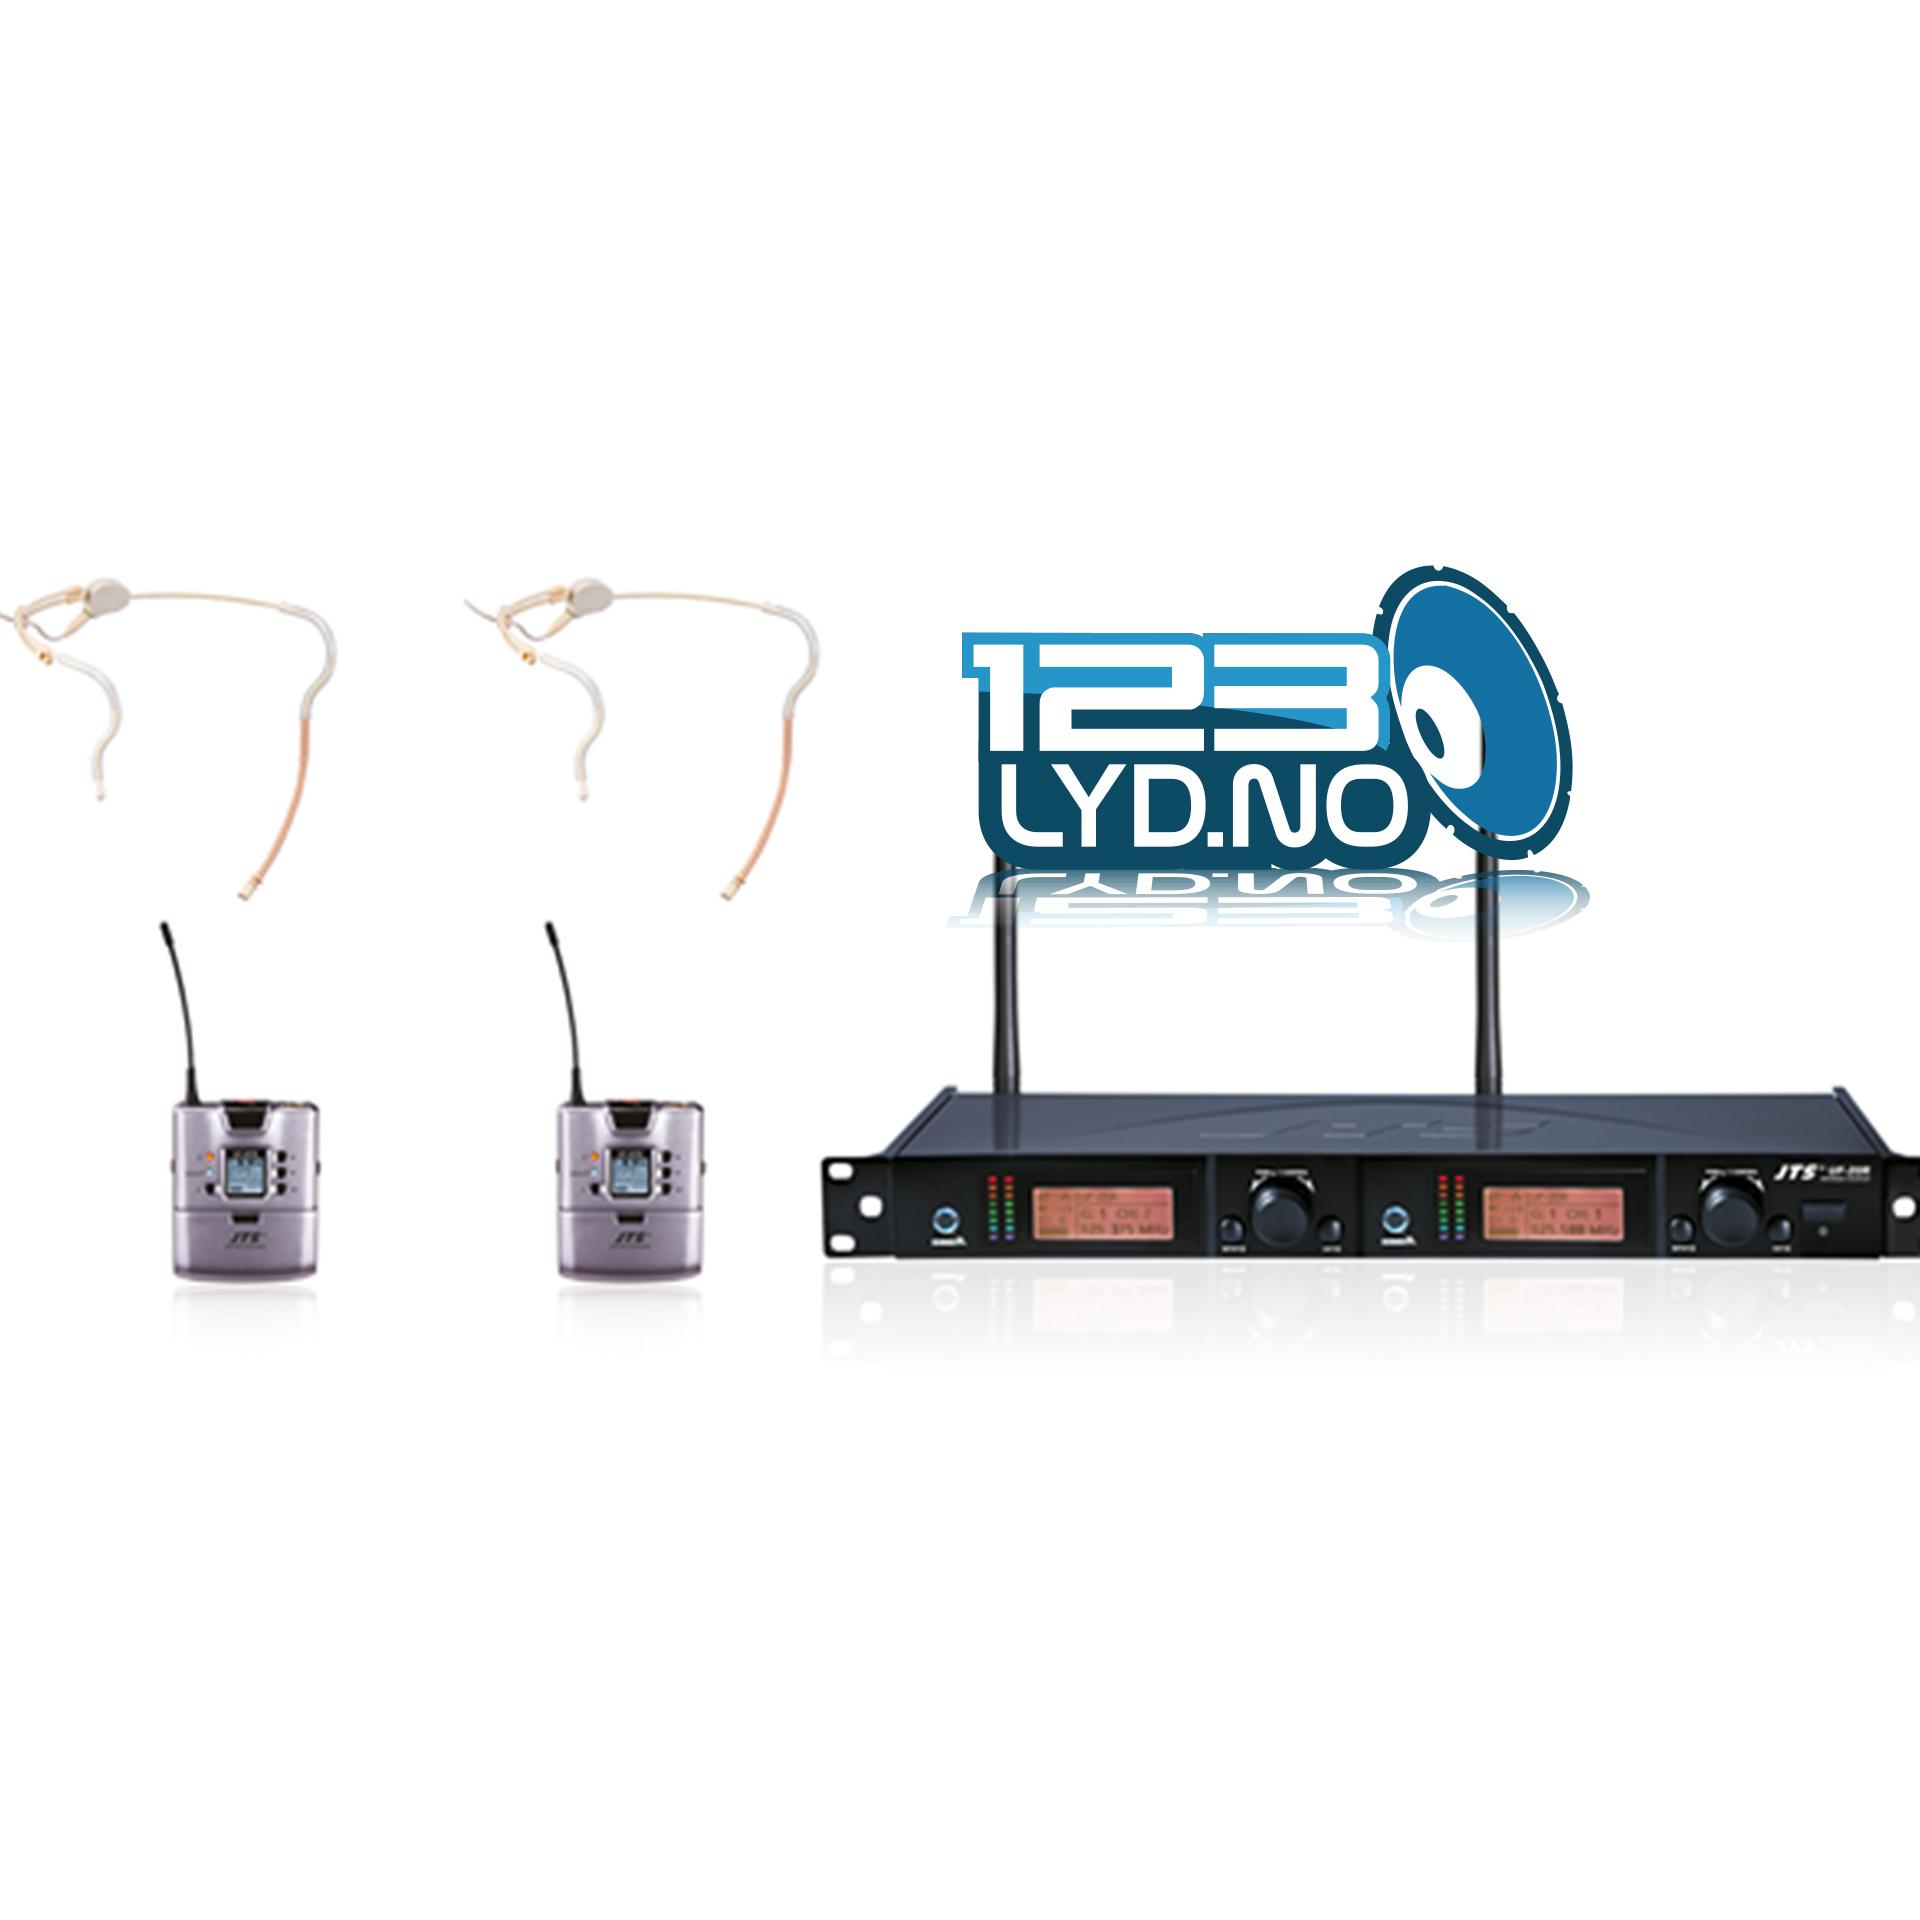 Trådløs bøyle mic til bruk på konferanser, teater og mye mer